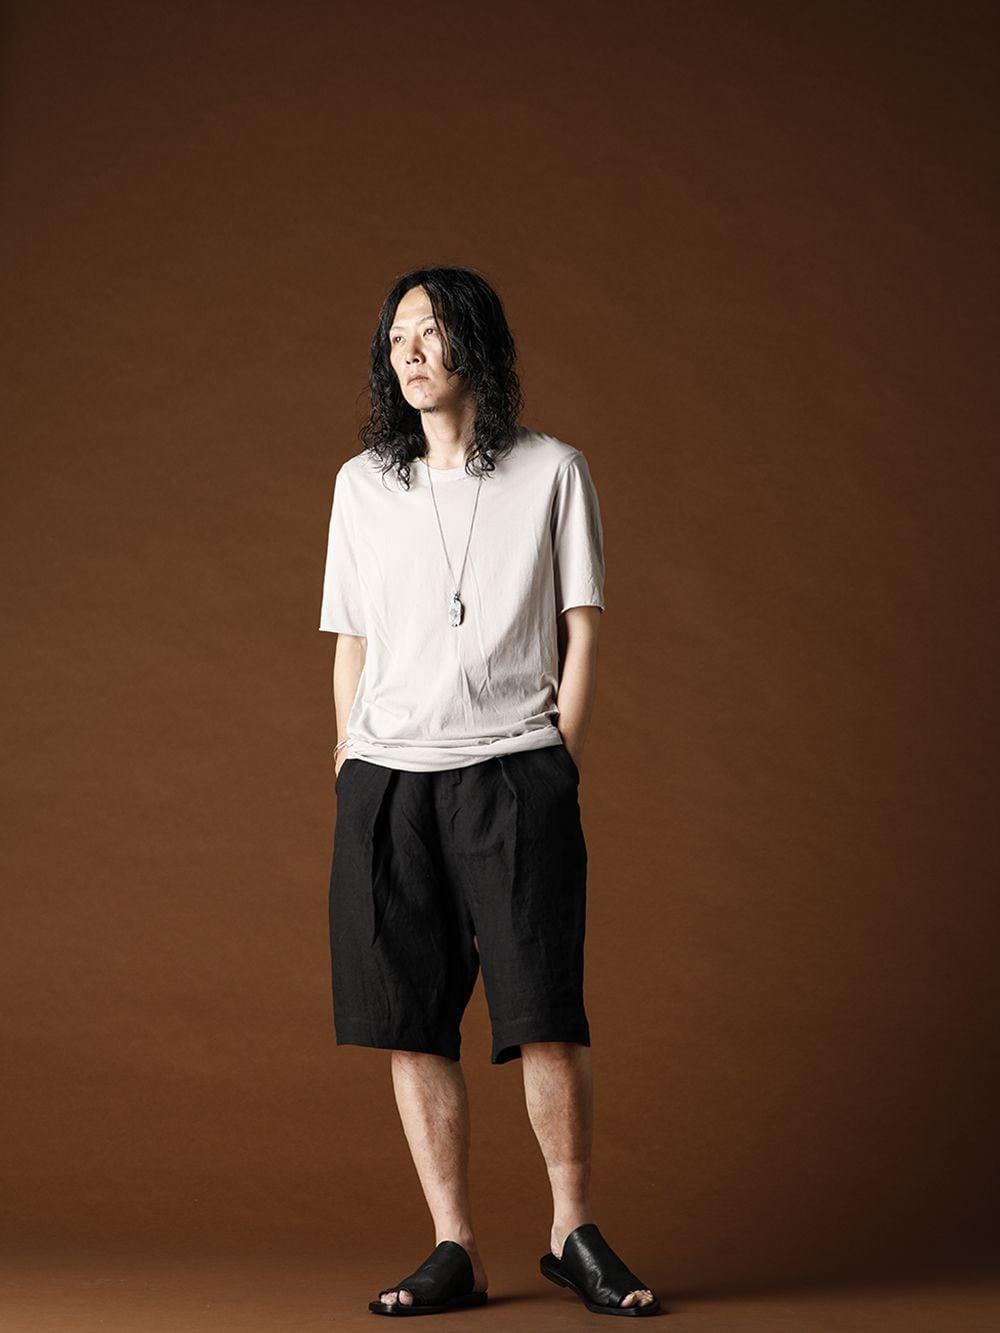 ANNASTESIA / 11byBBS:Long Length Cut & Sewn Style - 3-001